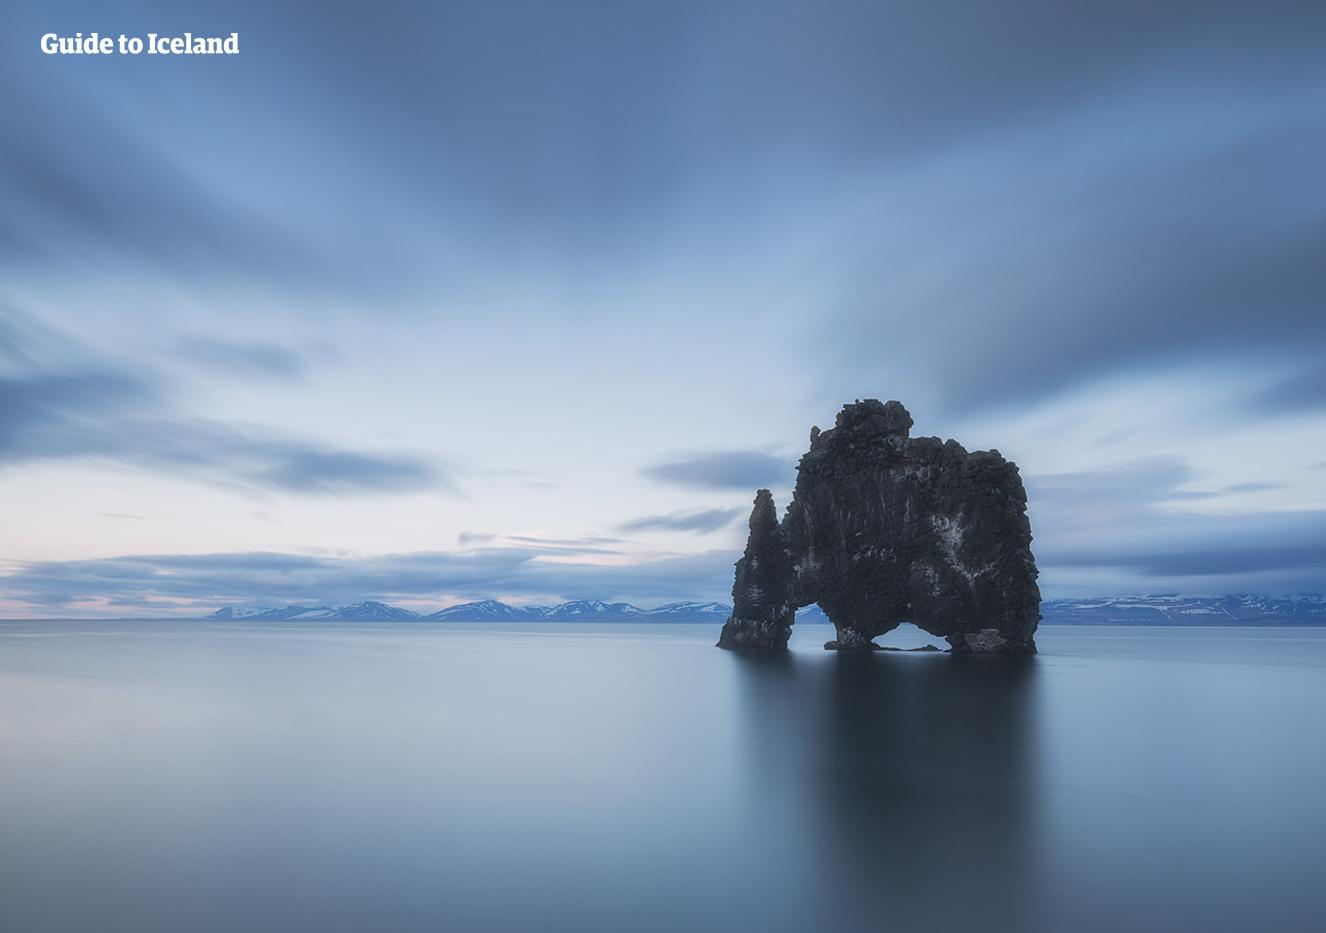 Circuit été de 12 jours | Voyage autour de l'Islande - day 8